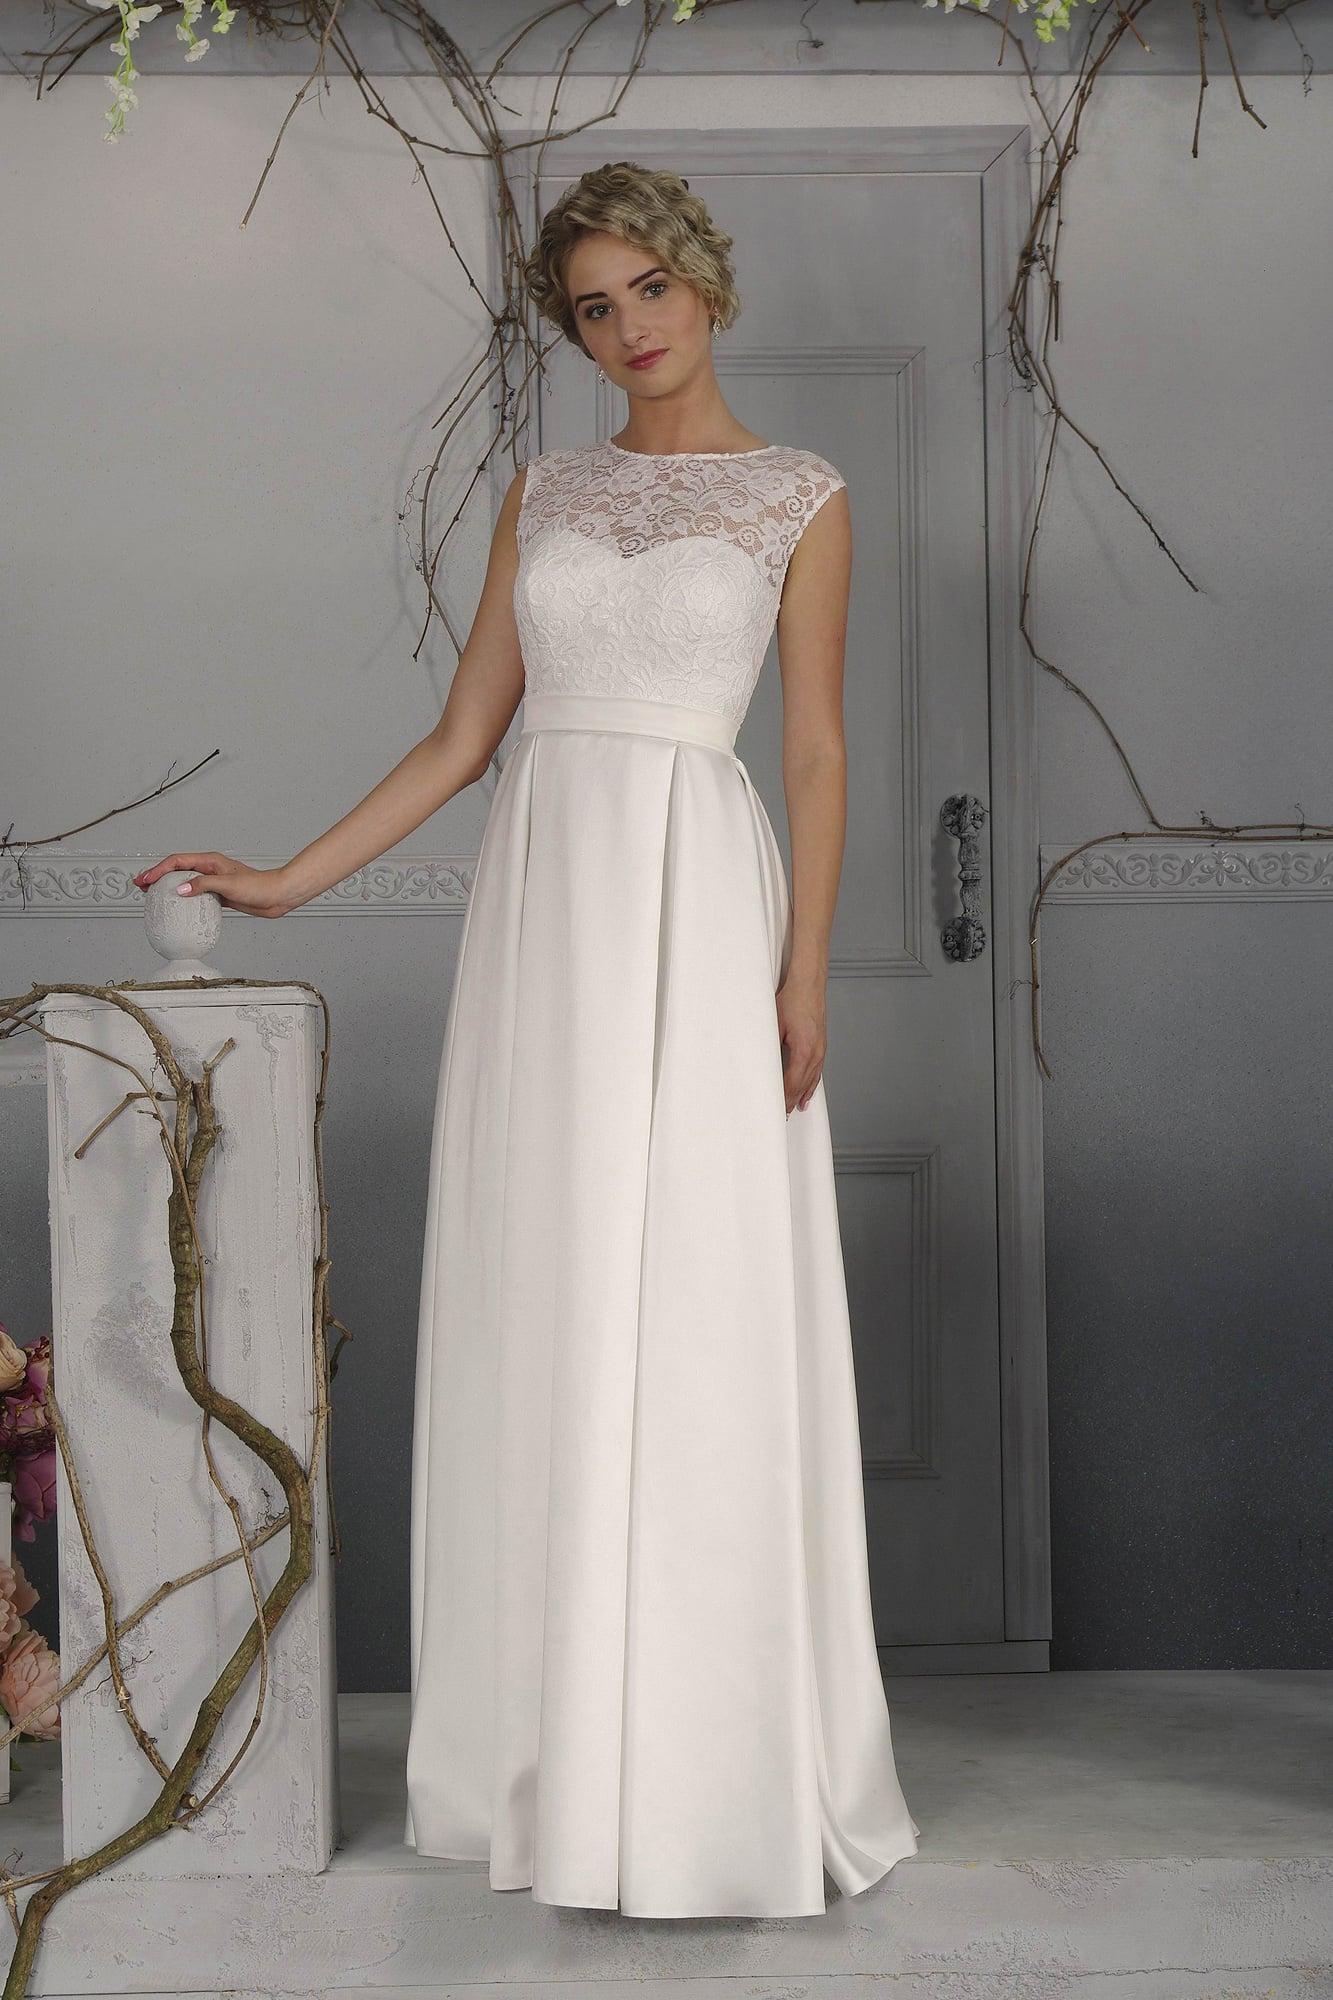 f8cf617c4ea0 Прямое свадебное платье с широким поясом и округлым вырезом, обрамленным  кружевом.